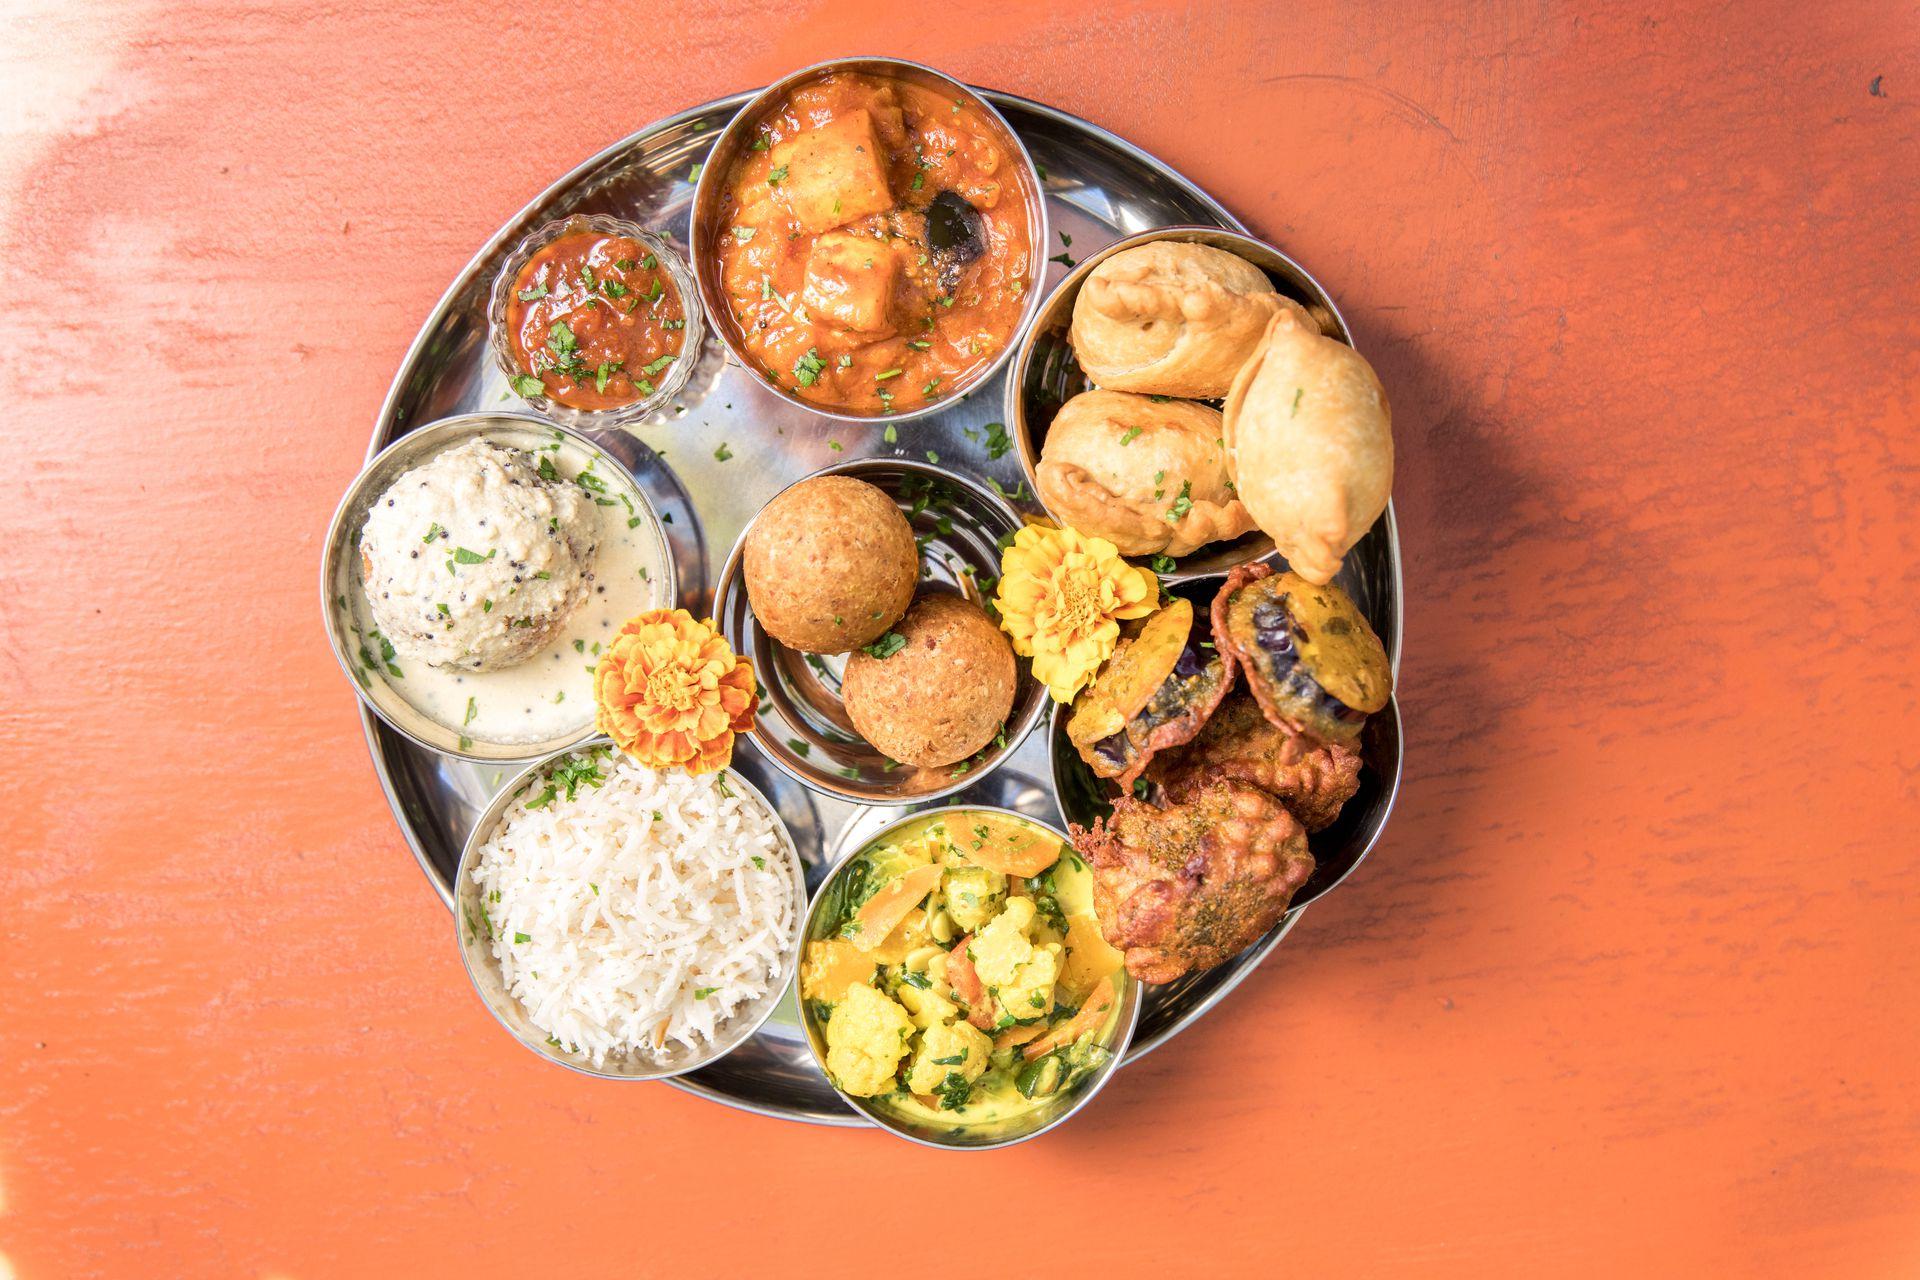 Maha thali, combinación de manjares indios que incluye curry de vegetales, chapatis, arroz basmati, samosas y panir.